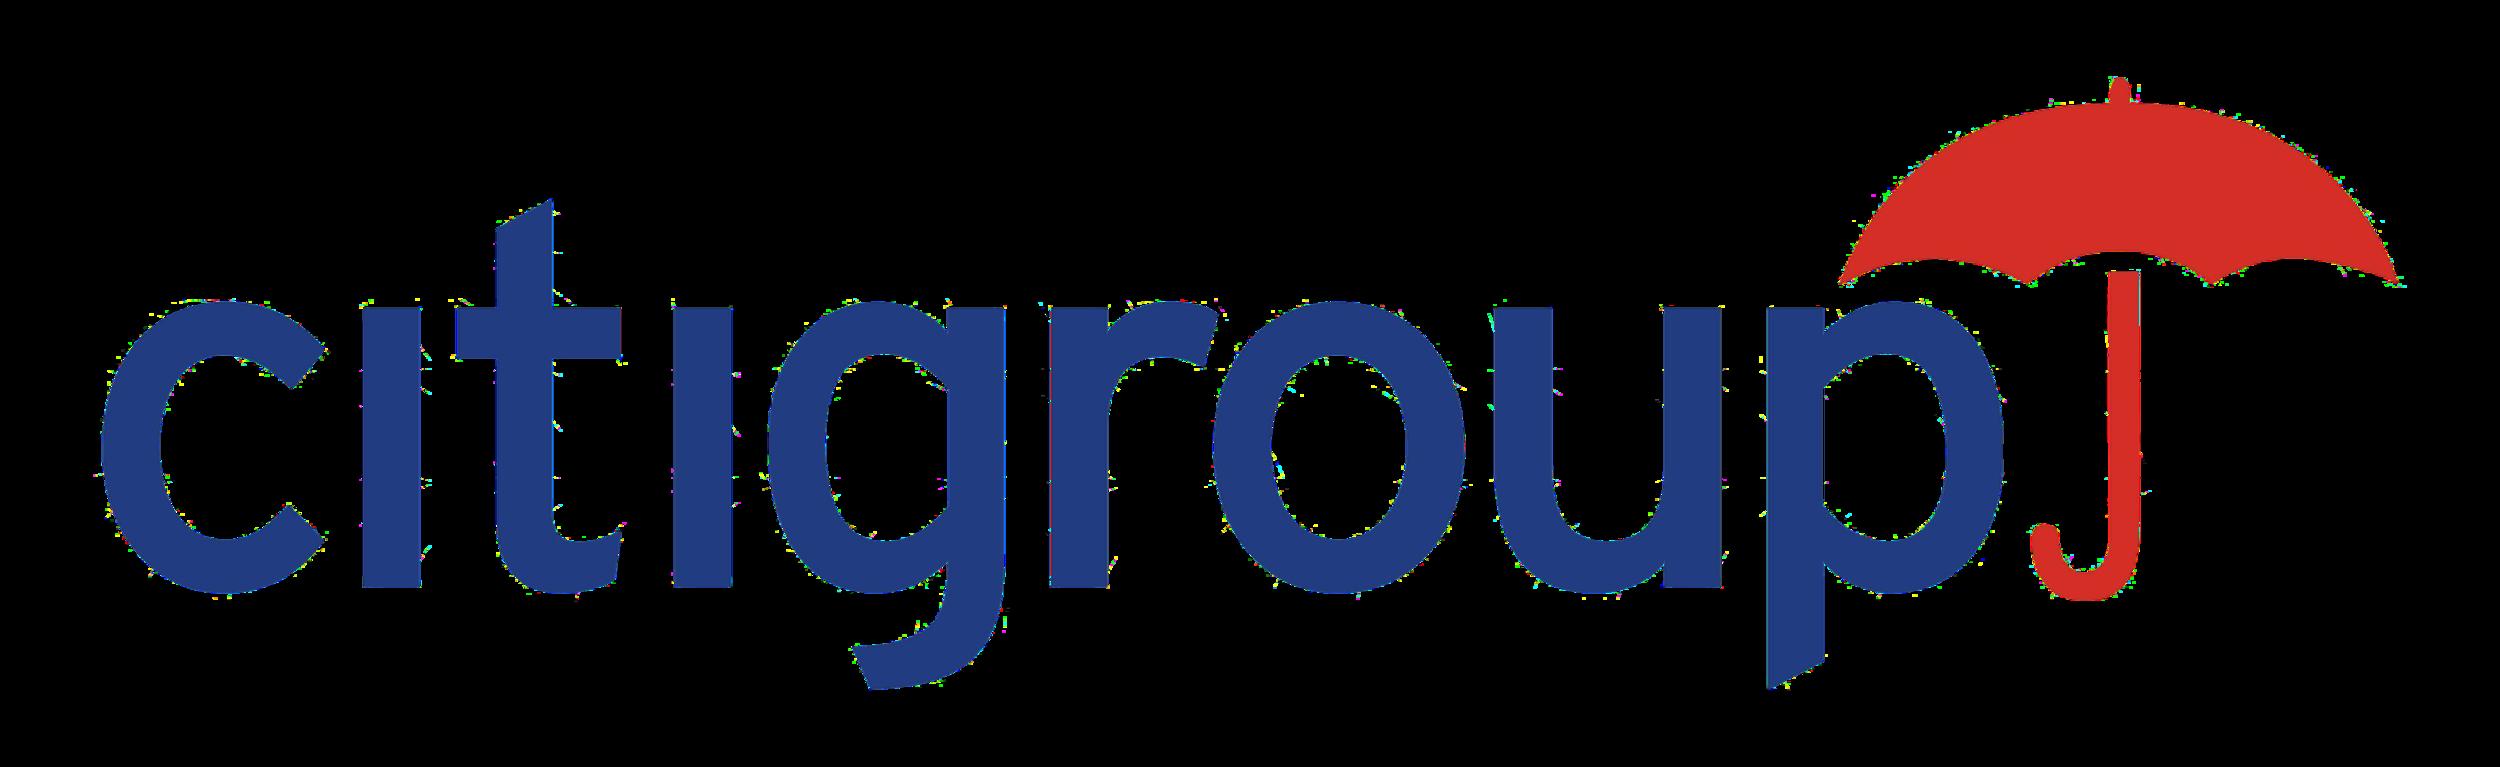 PNGPIX-COM-Citigroup-Logo-PNG-Transparent-1.png